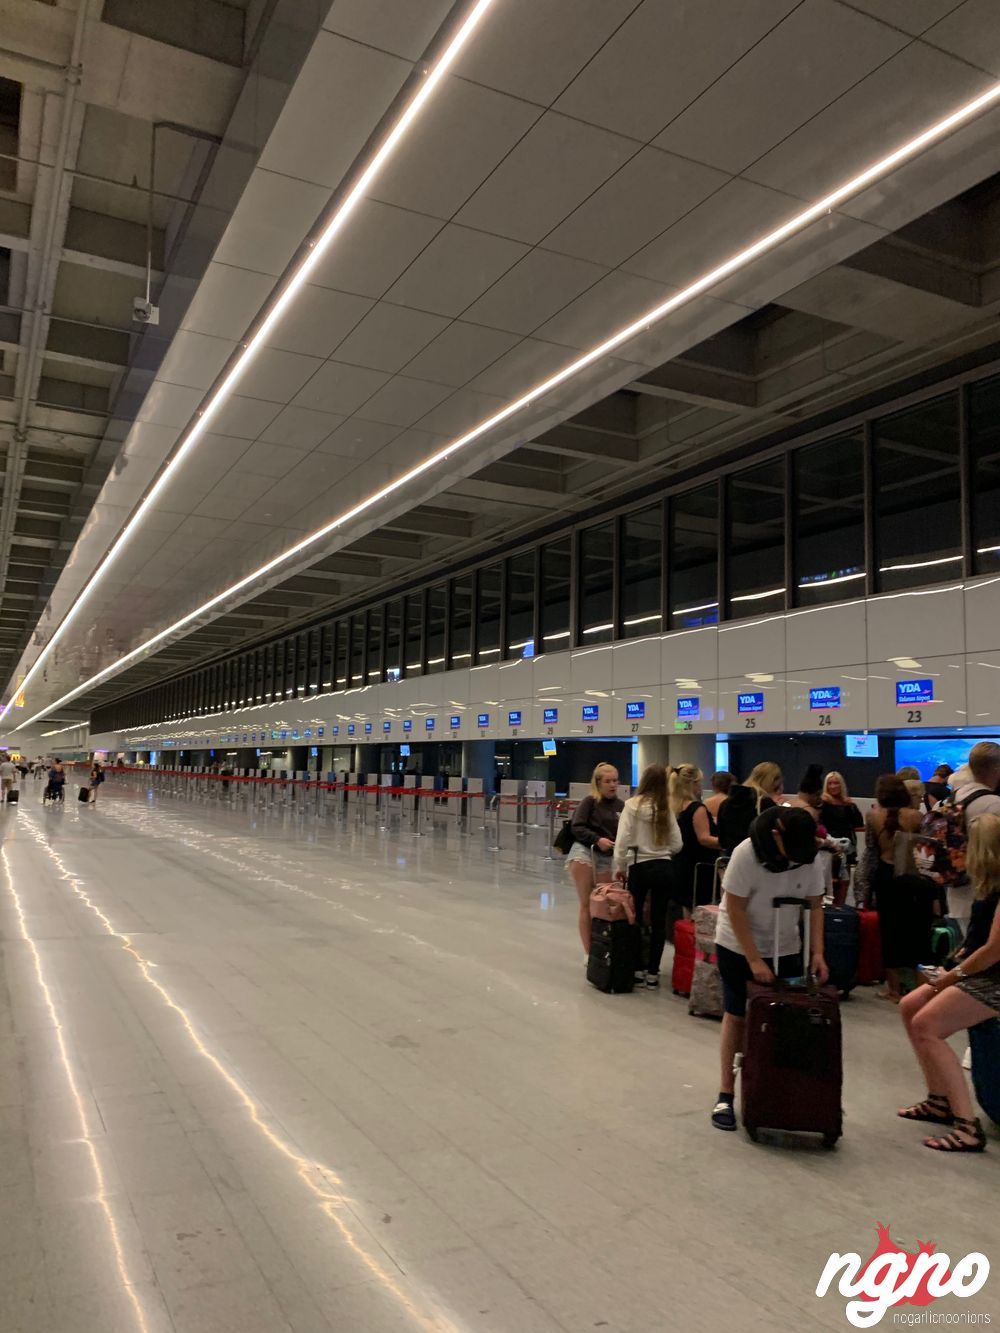 dalaman-airport-nogarlicnoonions-162019-07-24-07-21-03